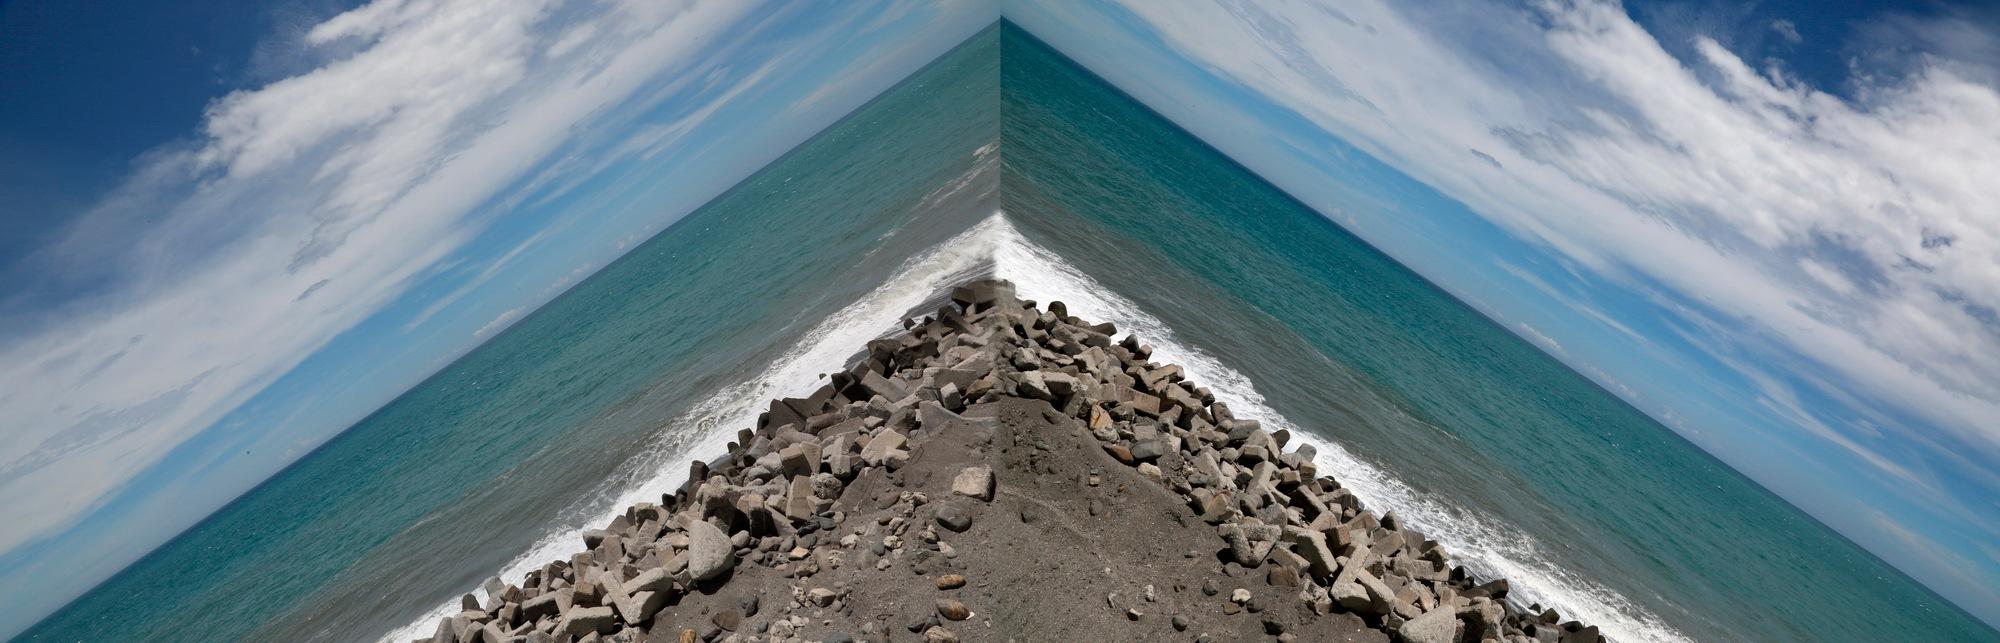 MY SEA by chaoyang chan